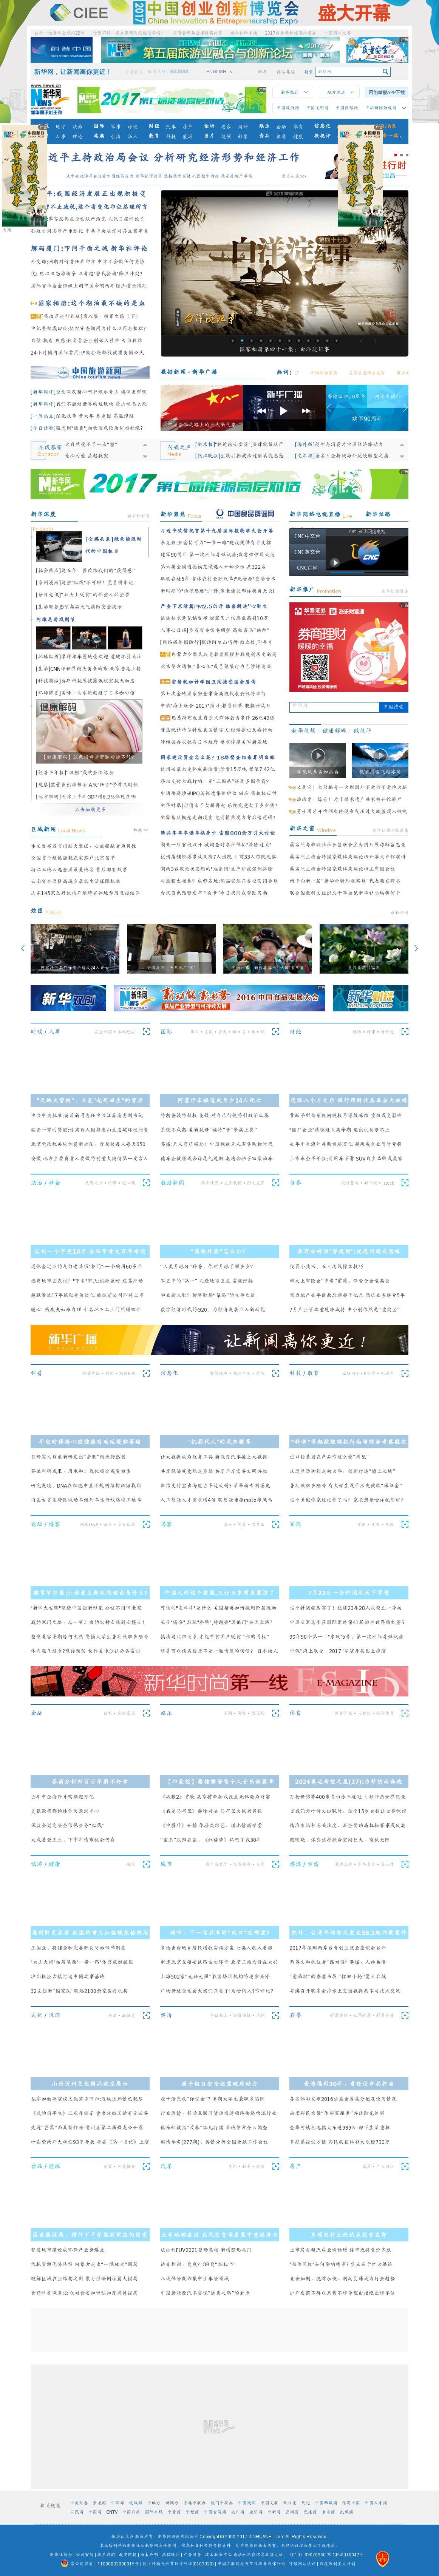 Xinhua at Monday July 24, 2017, 9:30 p.m. UTC